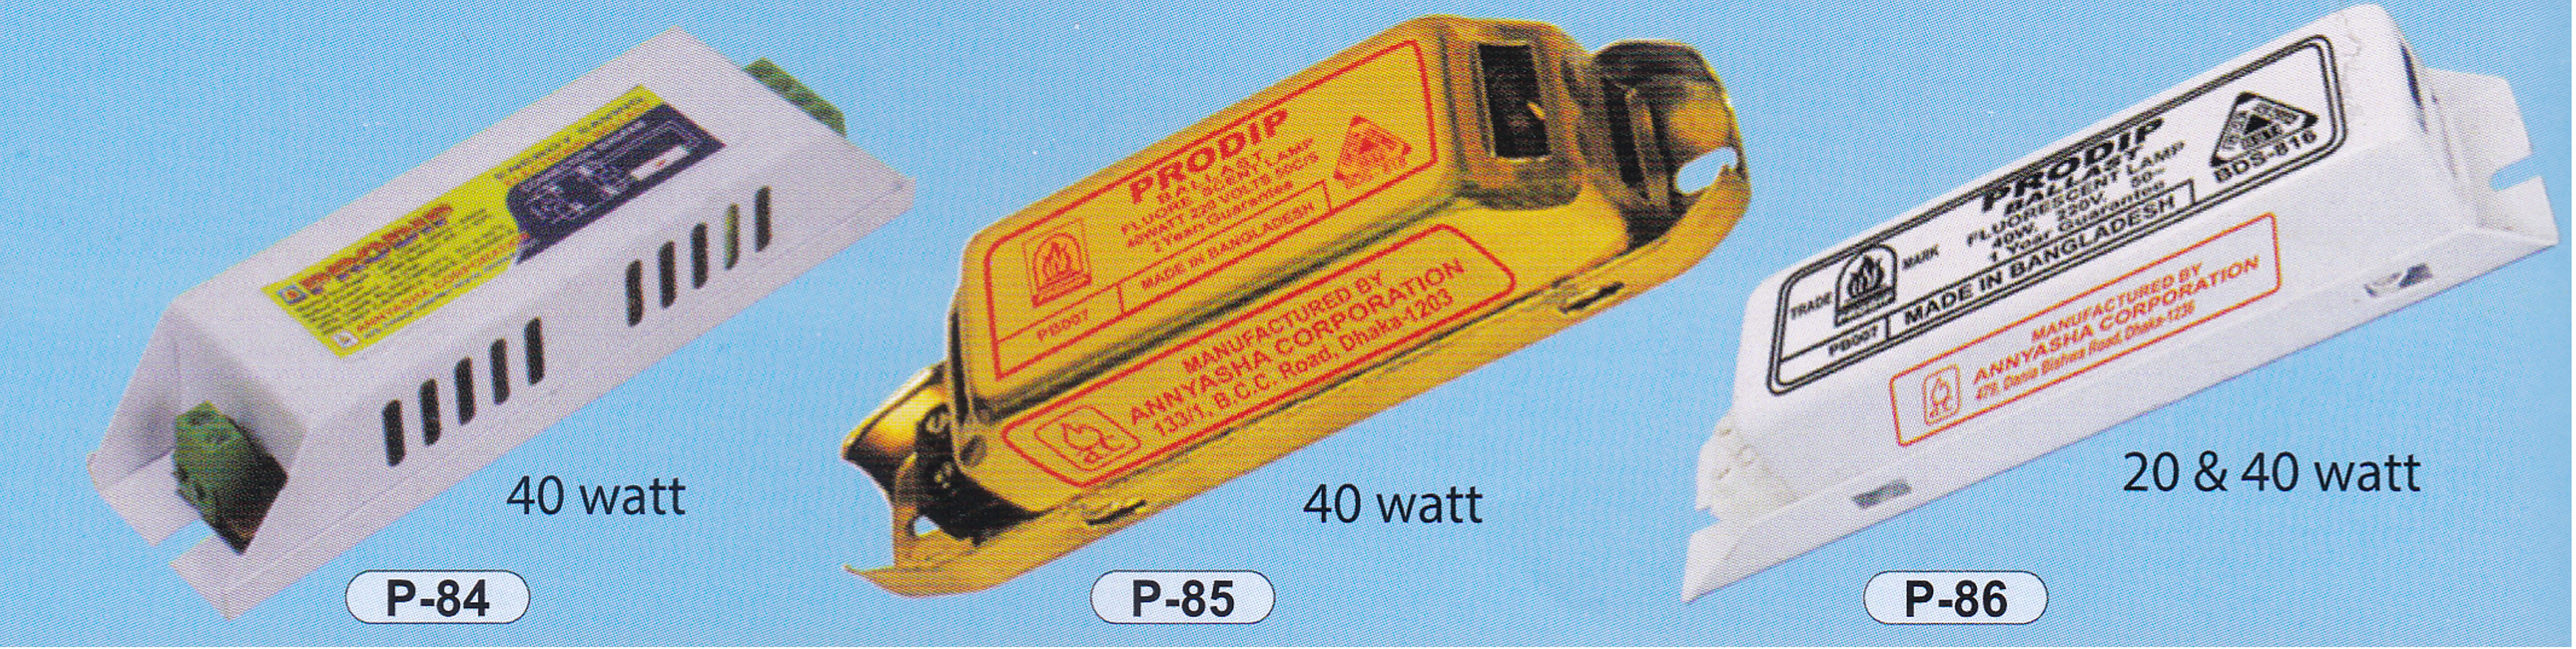 Electronic & Magnetic Ballast Image